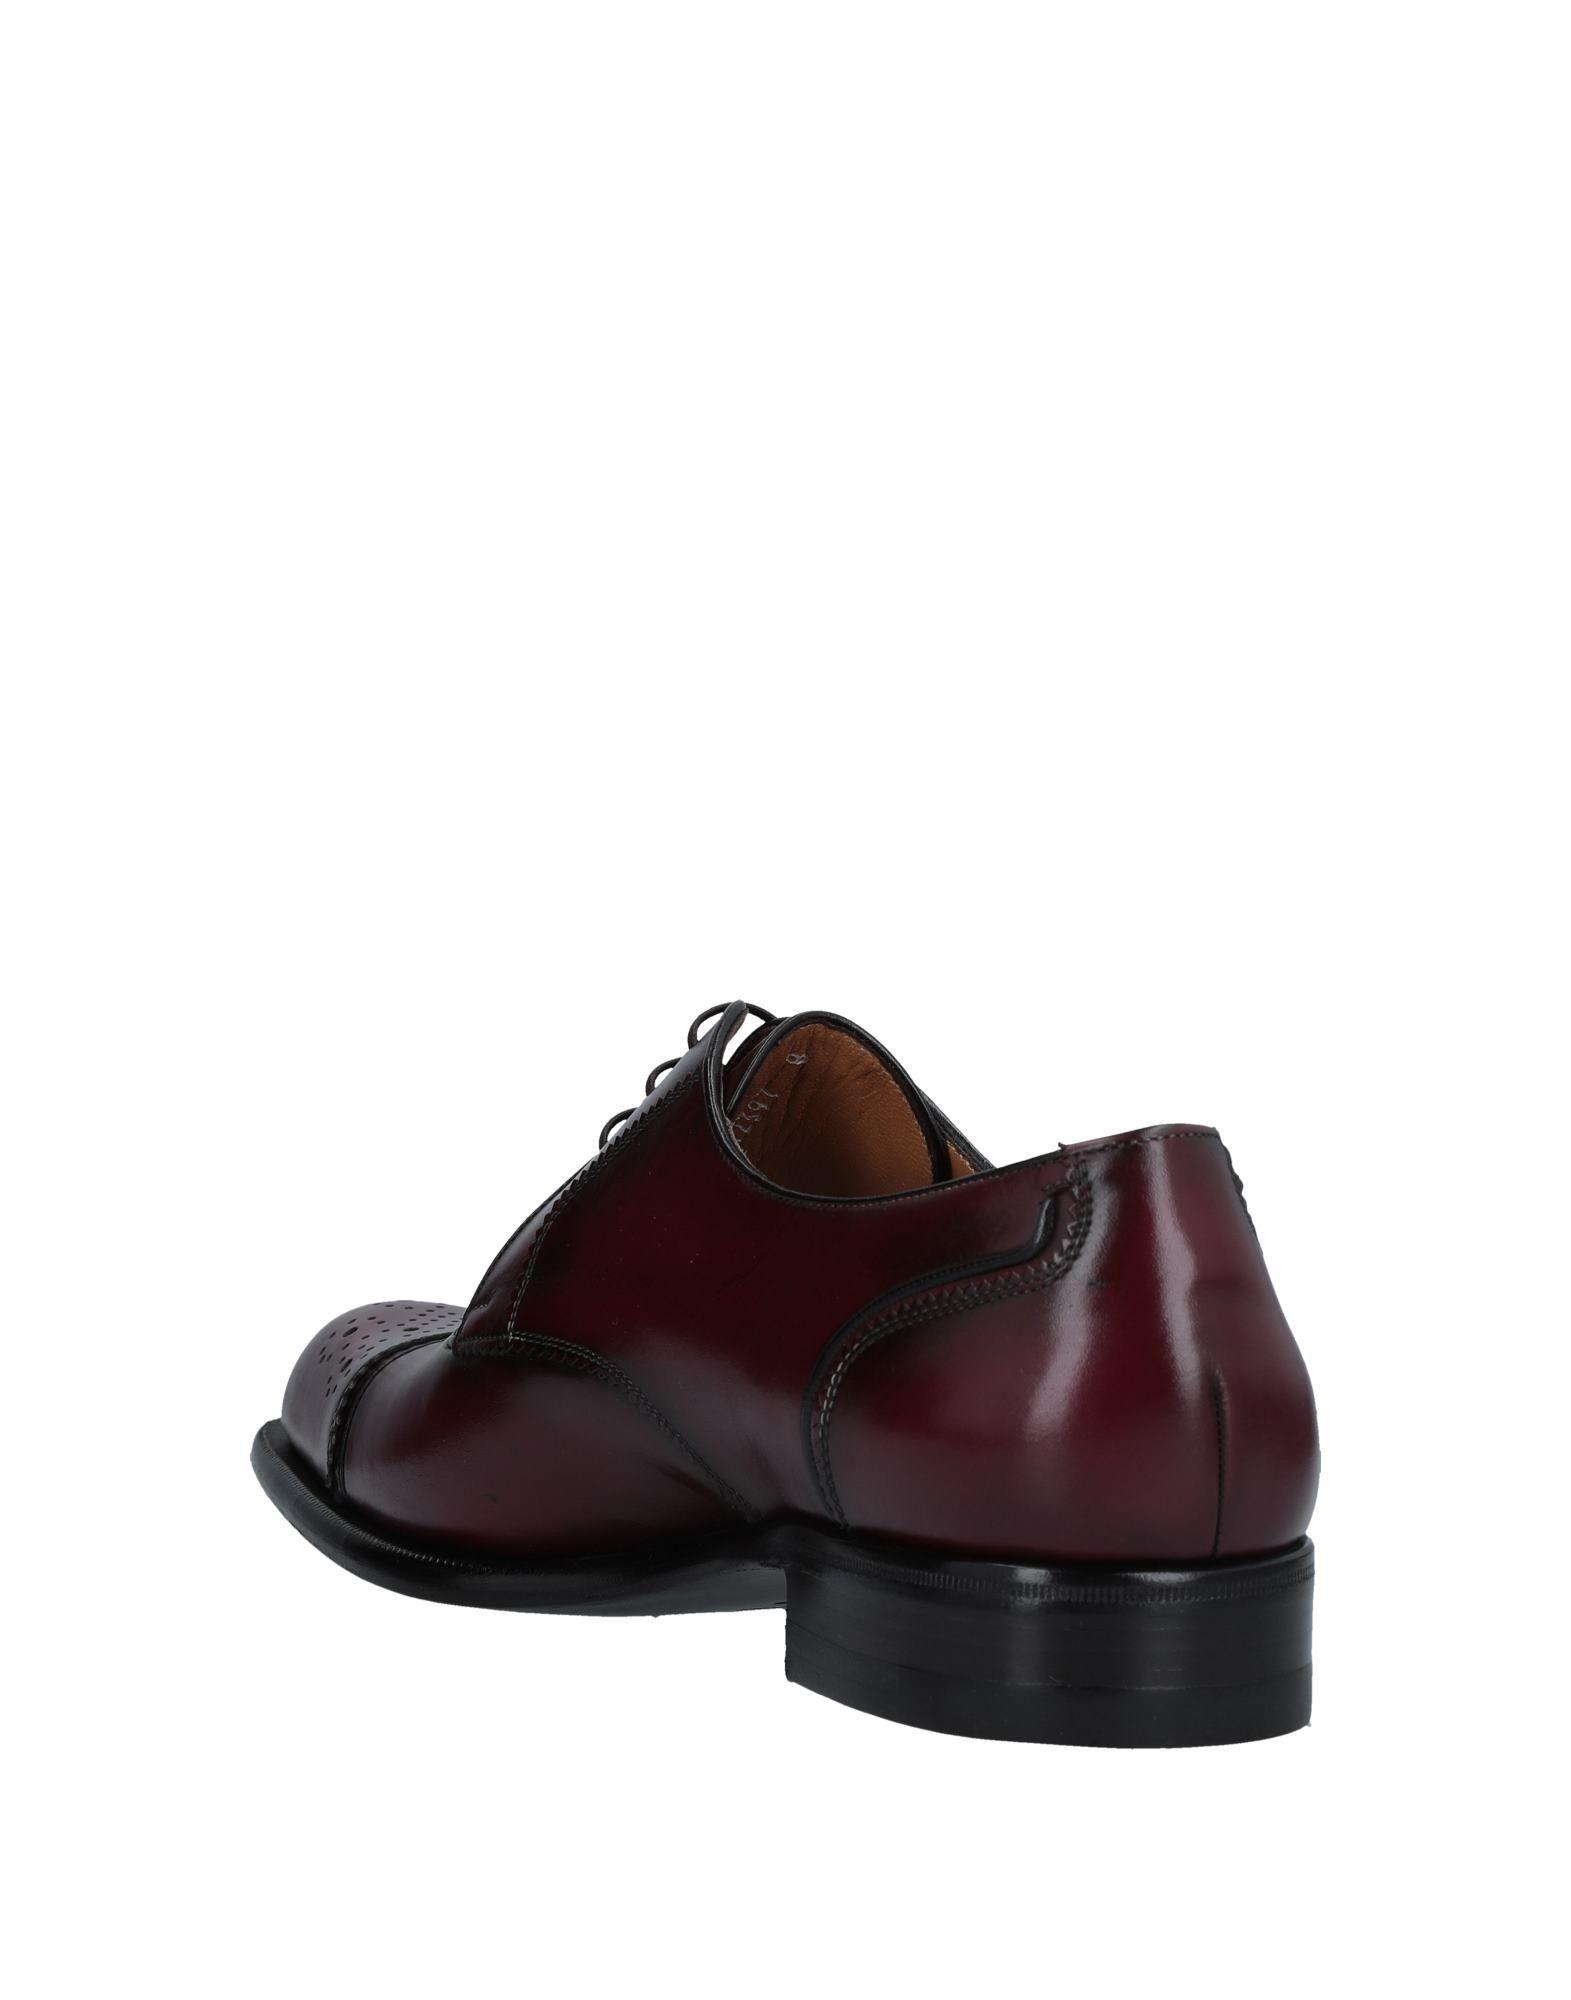 A.Testoni A.Testoni  Schnürschuhe Herren  11540269KX Heiße Schuhe 3e1bee